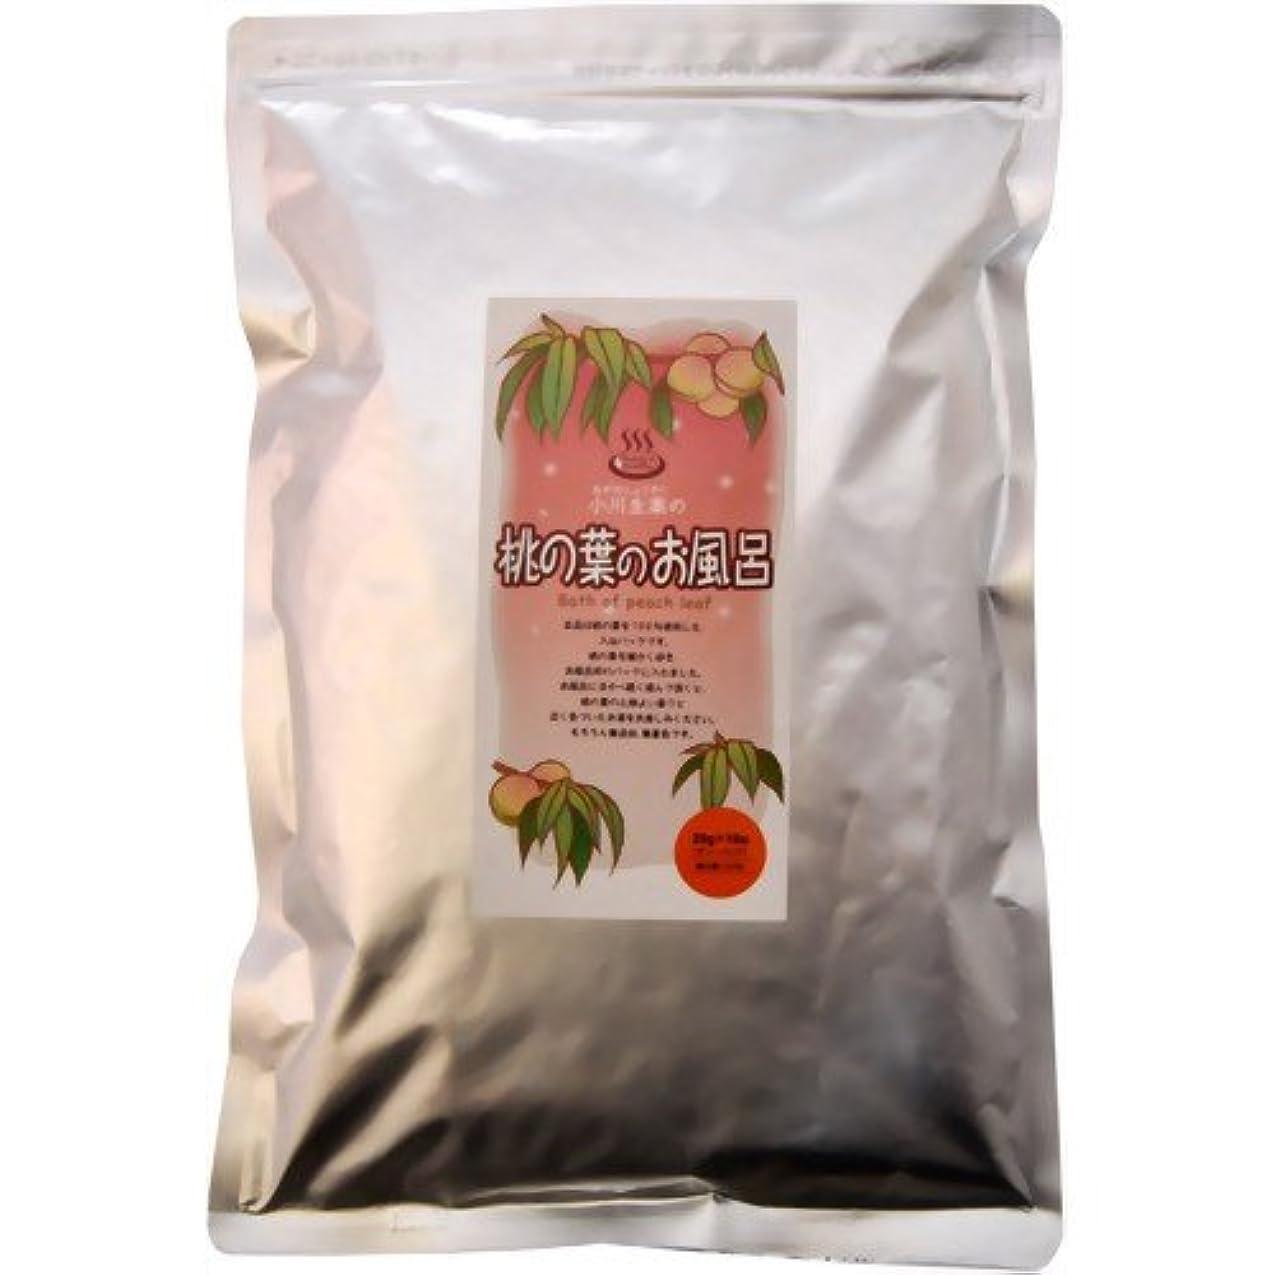 引退するスタウトスライス小川生薬の桃の葉のお風呂 20g*10袋